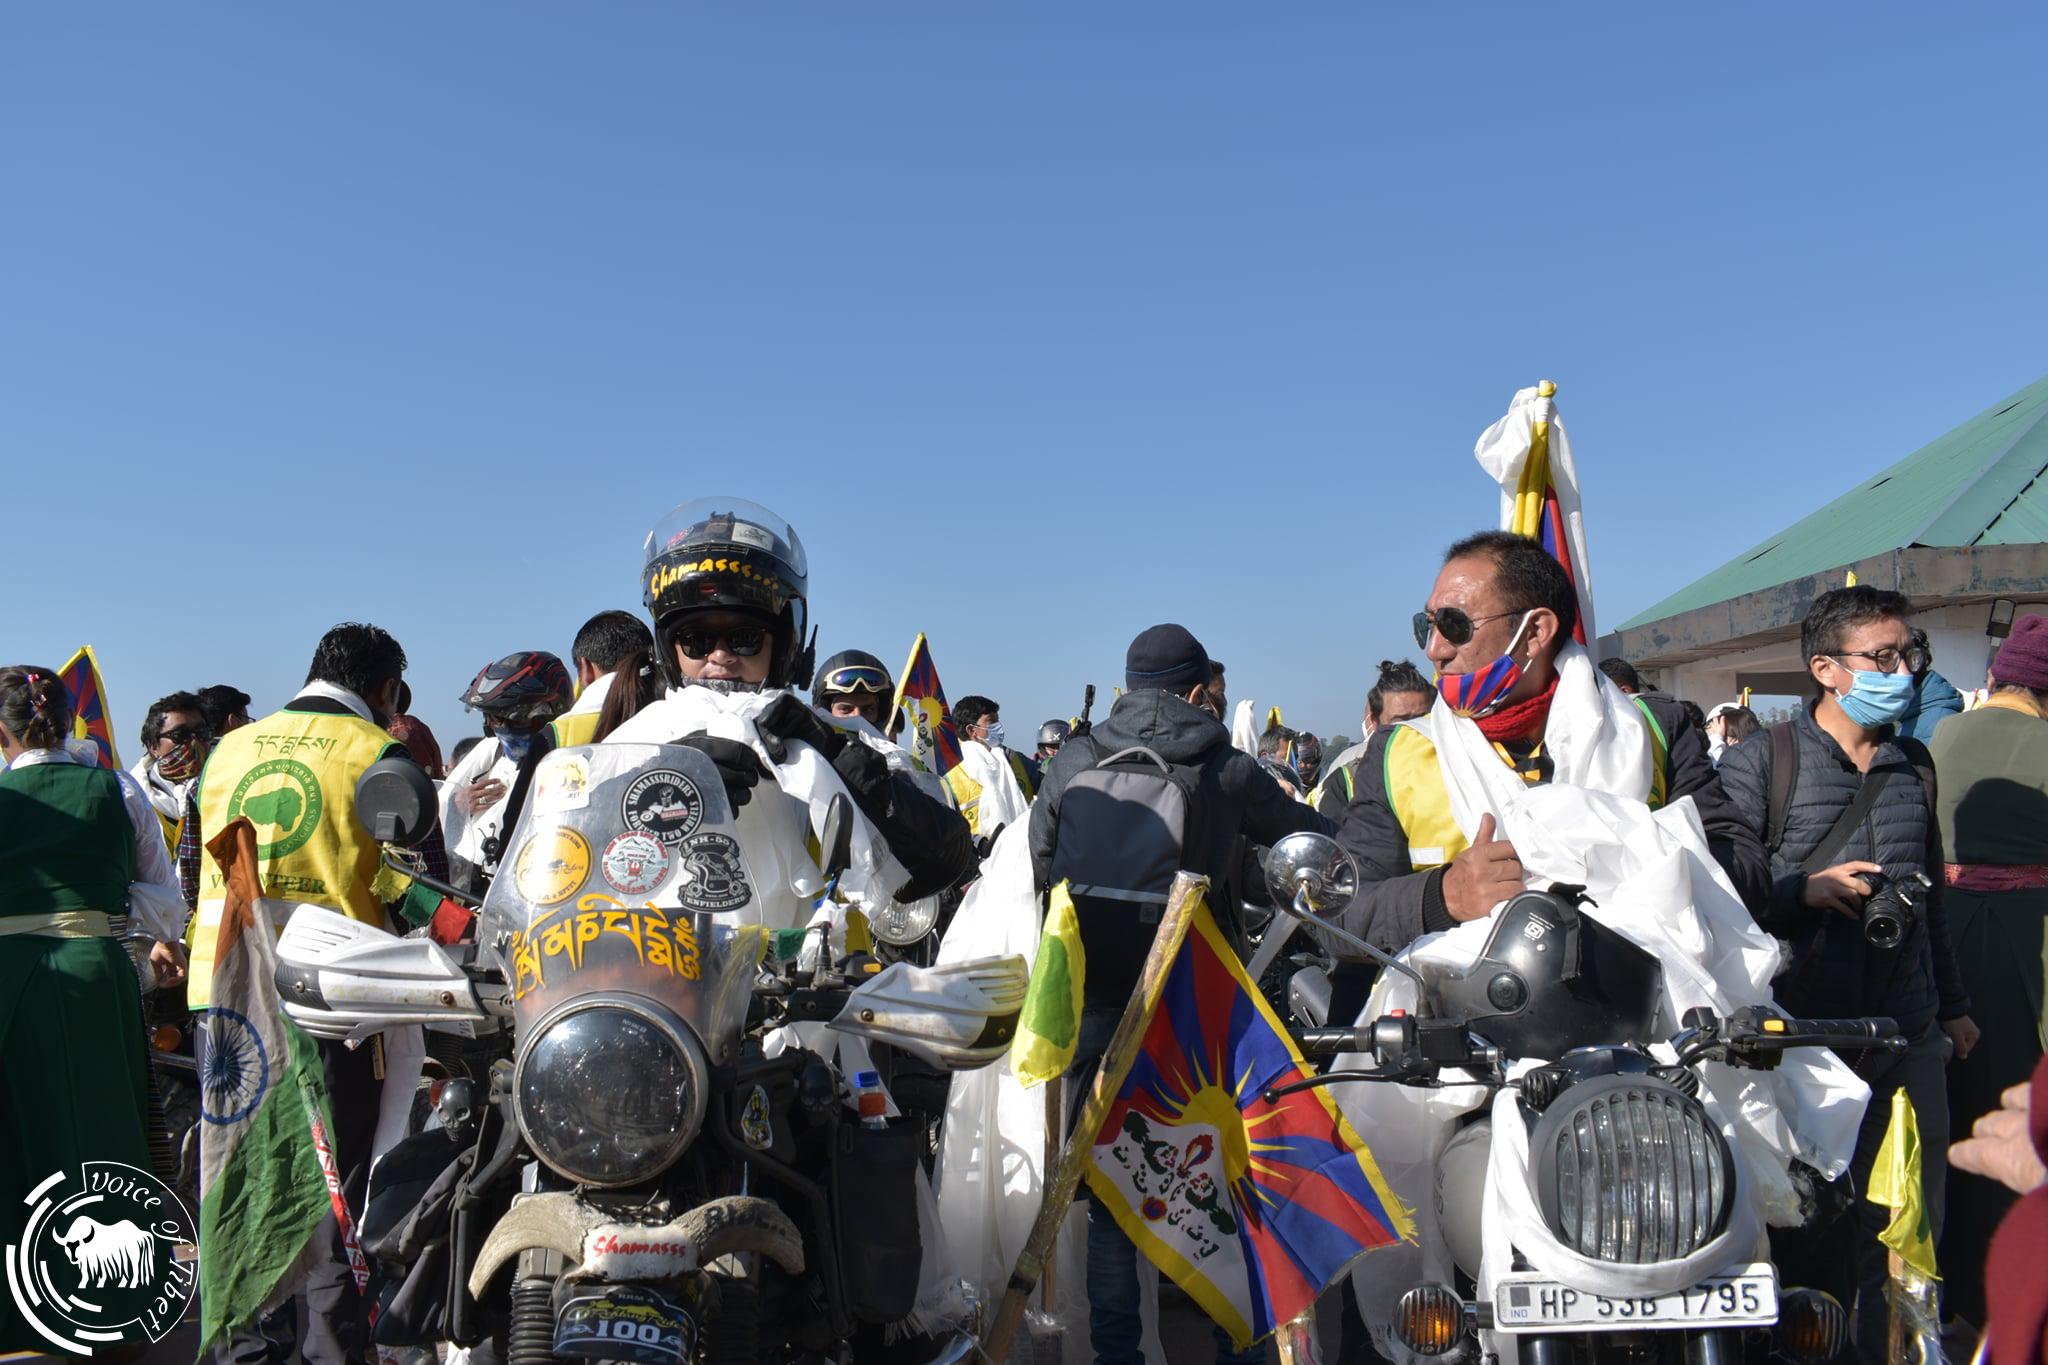 摩托车巡游至藏印边境:西藏青年会要求中共释放比如藏人政治犯